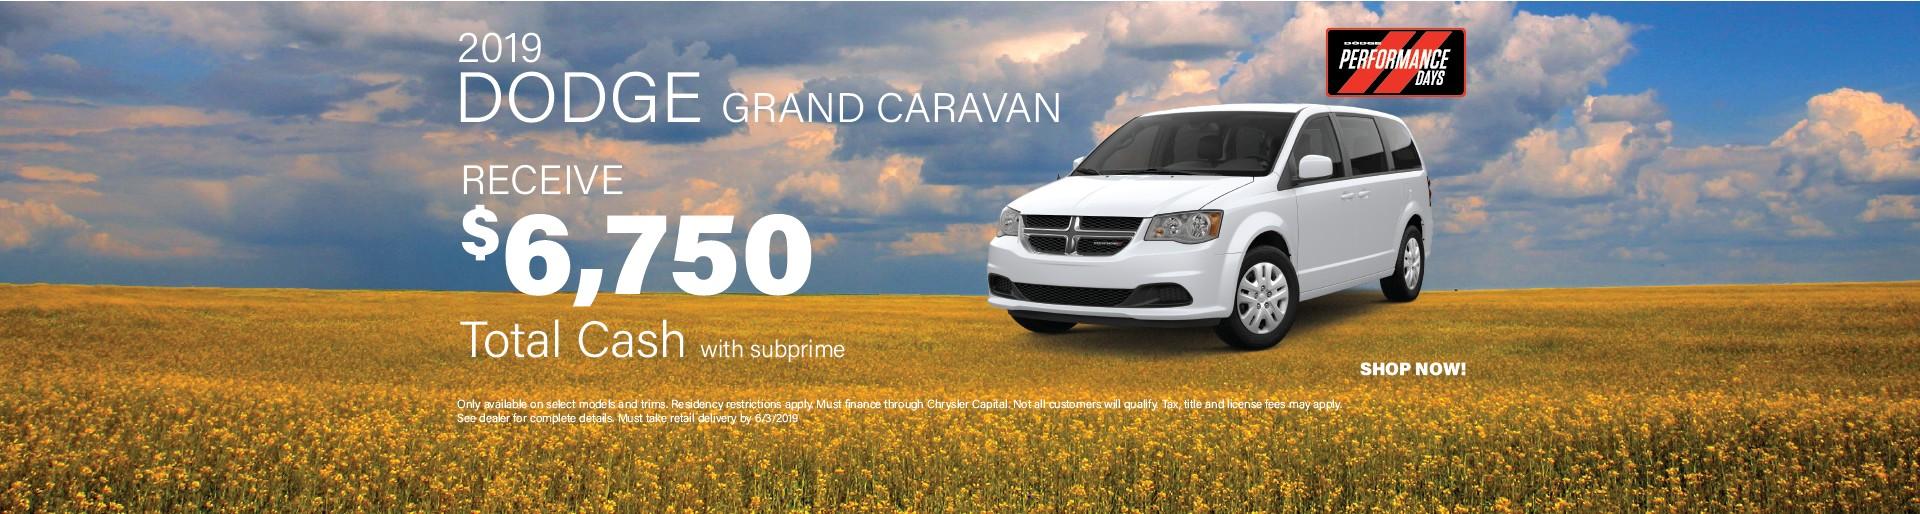 2019 Grand Caravan